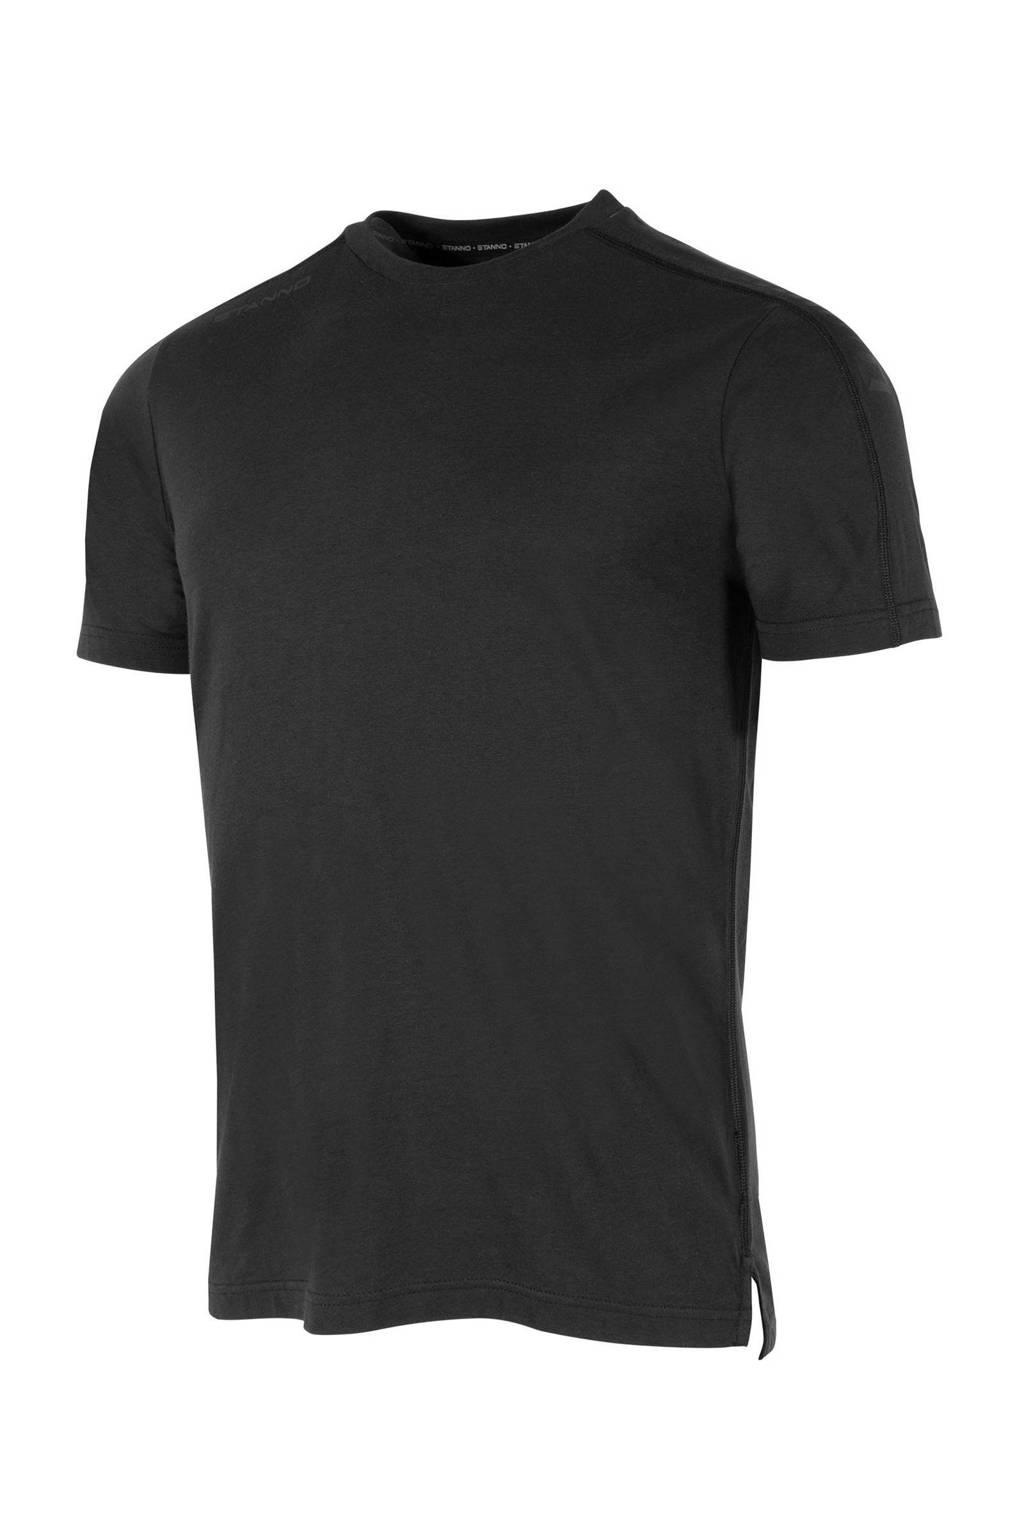 Stanno Senior  voetbalshirt zwart, Zwart